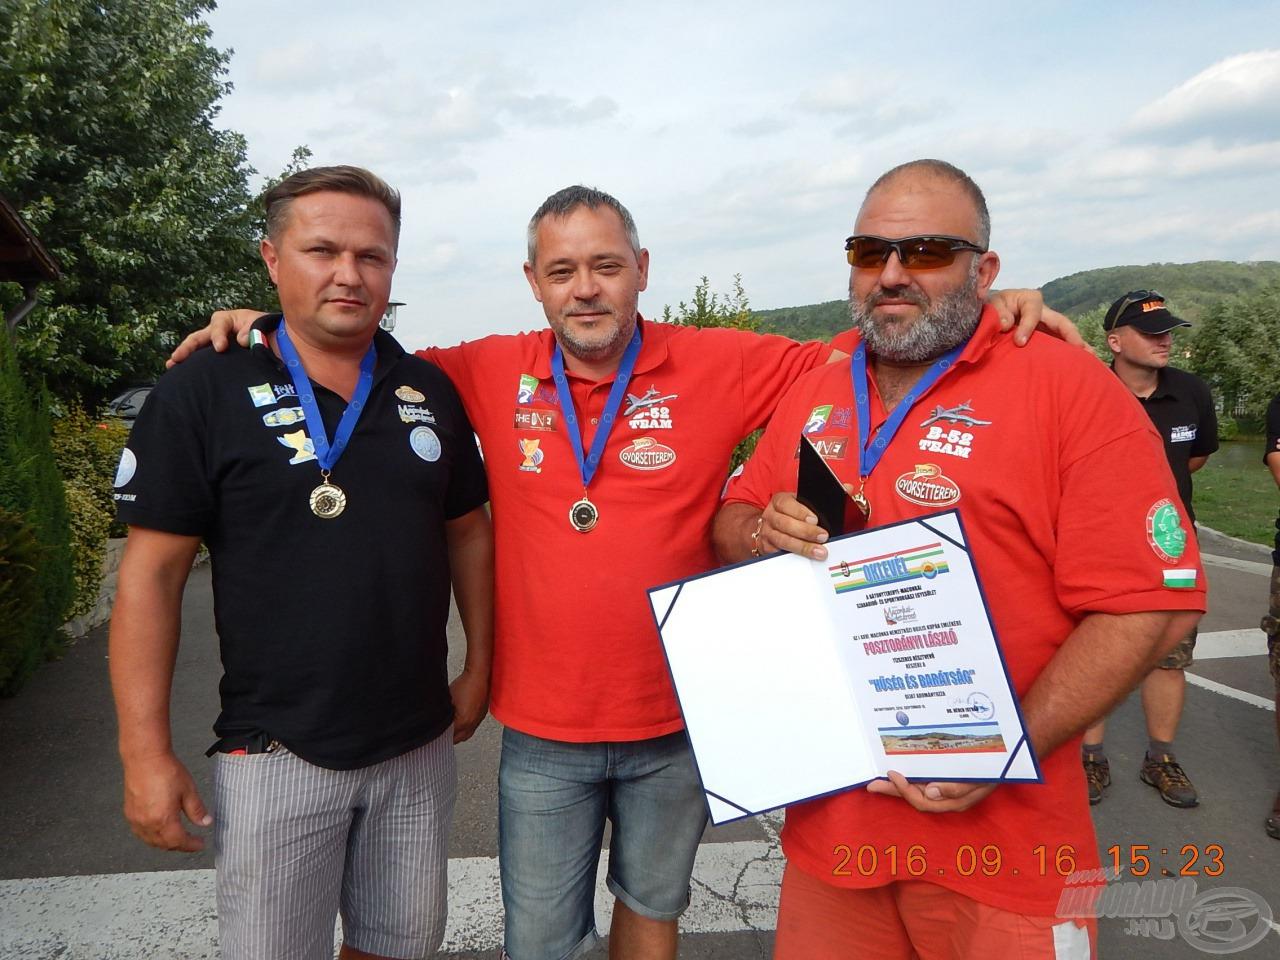 A díjazott és csapattársai